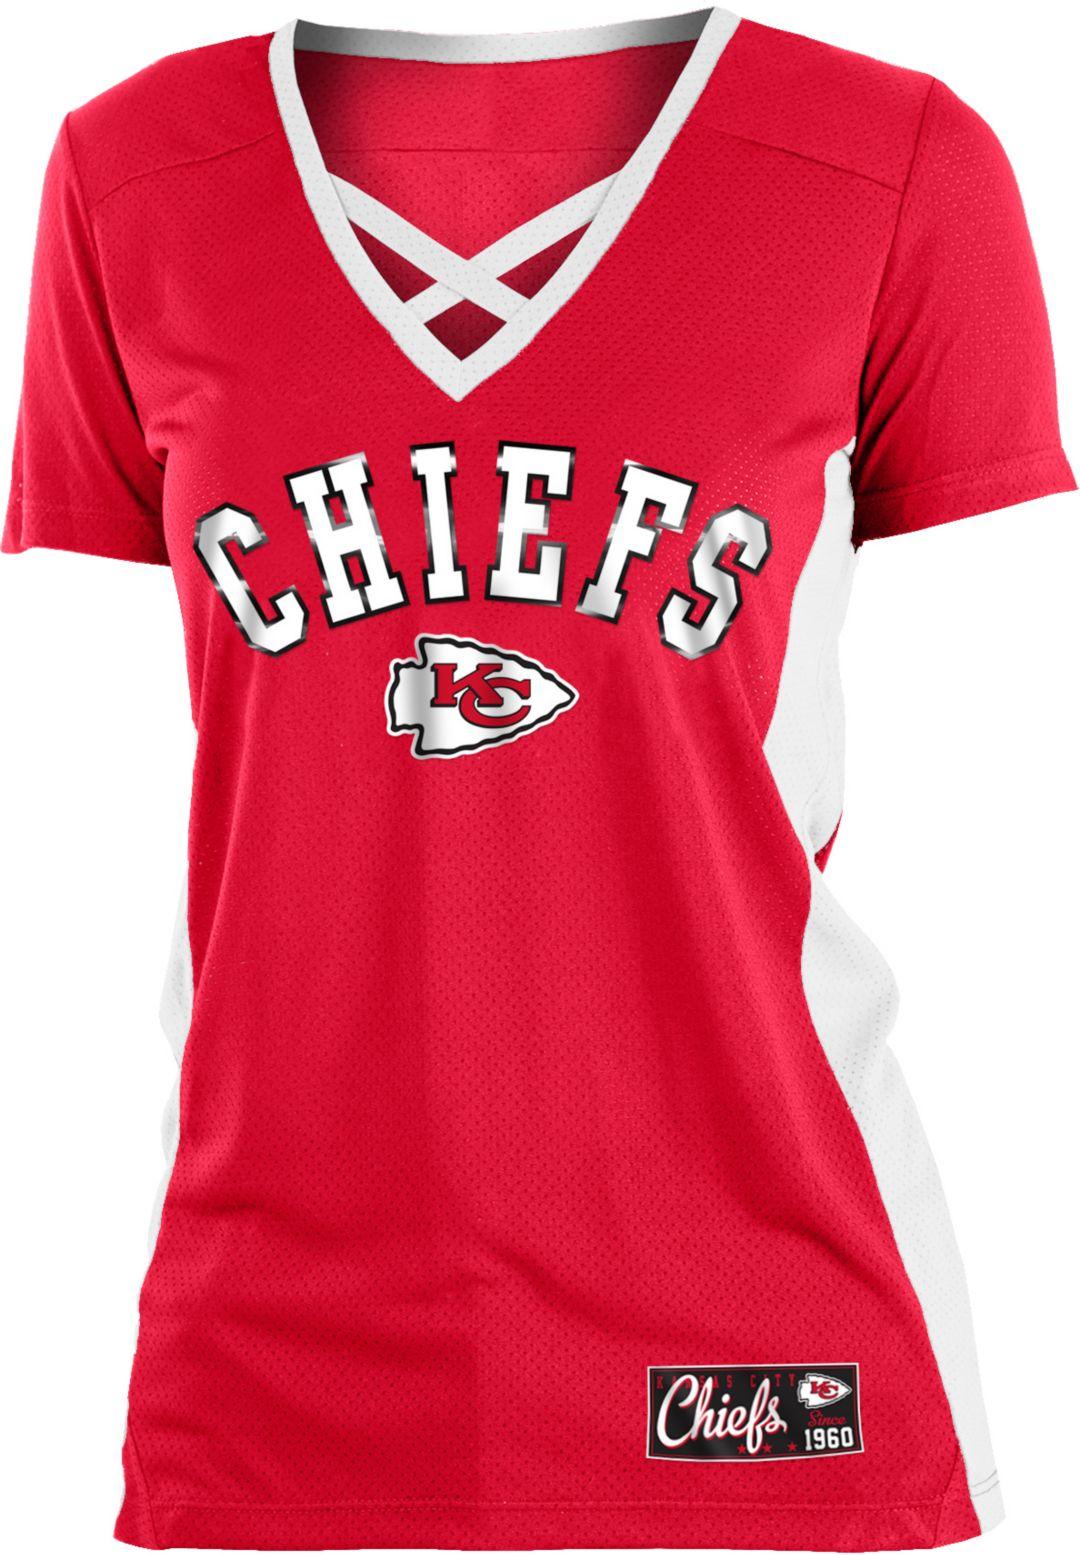 070cd2f0 NFL Team Apparel Women's Kansas City Chiefs Mesh X Red T-Shirt